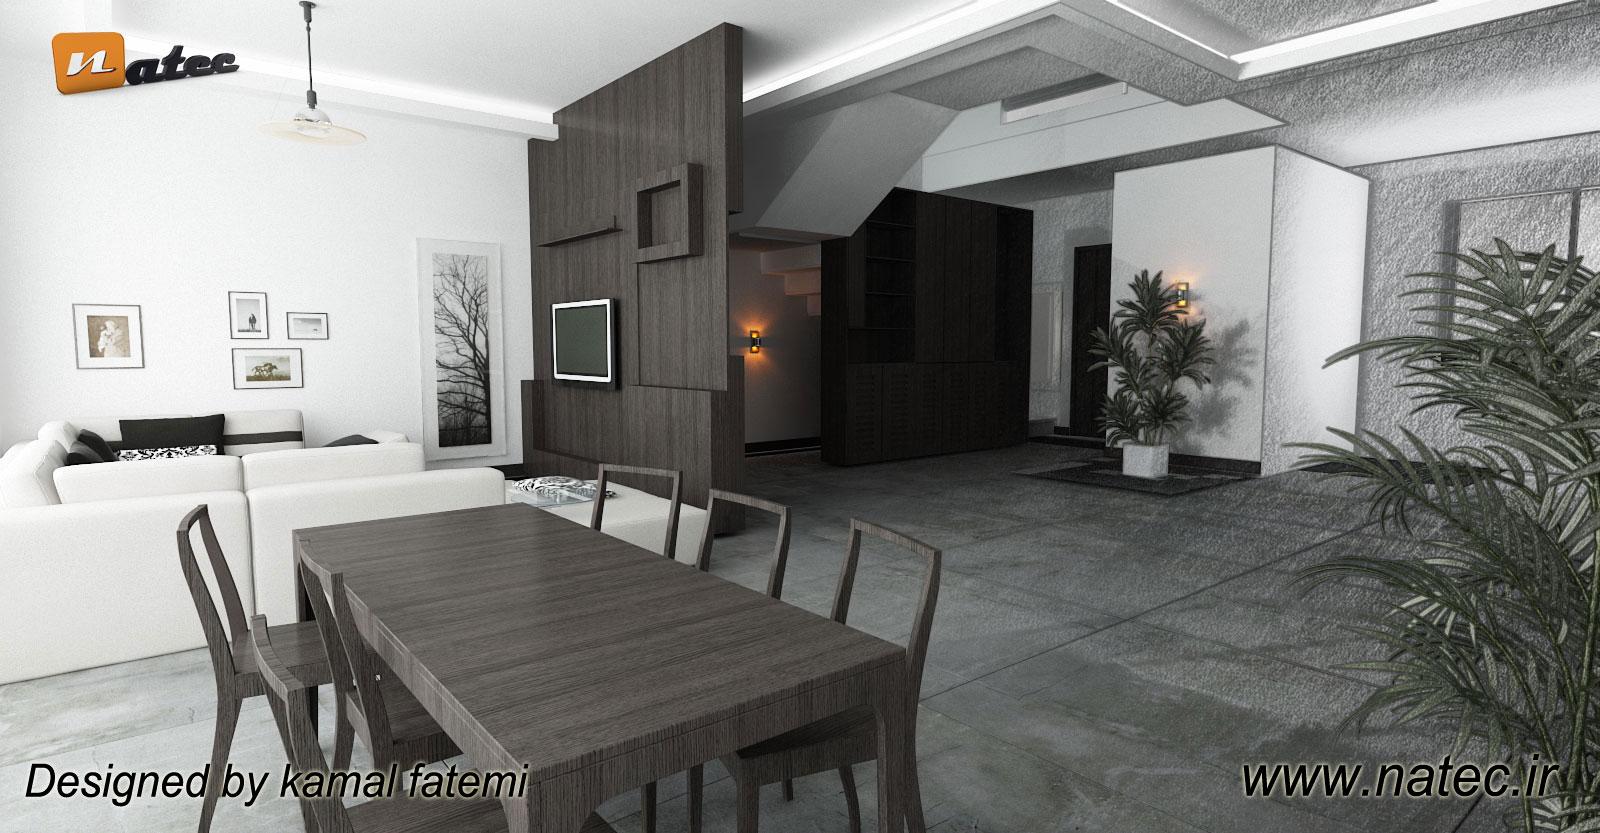 نمونه کار طراحی اتاق نشیمن بصورت مدرن و مینیمال